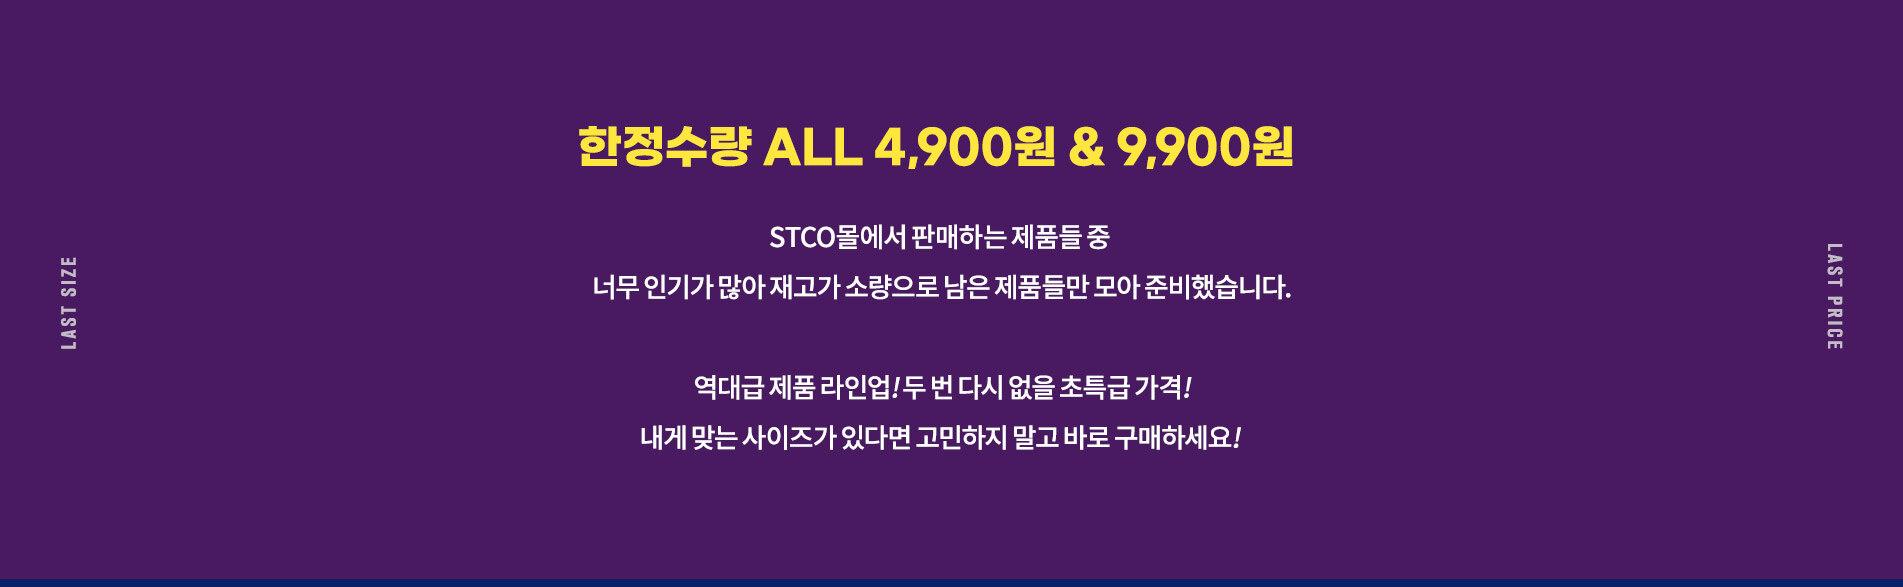 한정수량 ALL 4,900원 & 9,900원